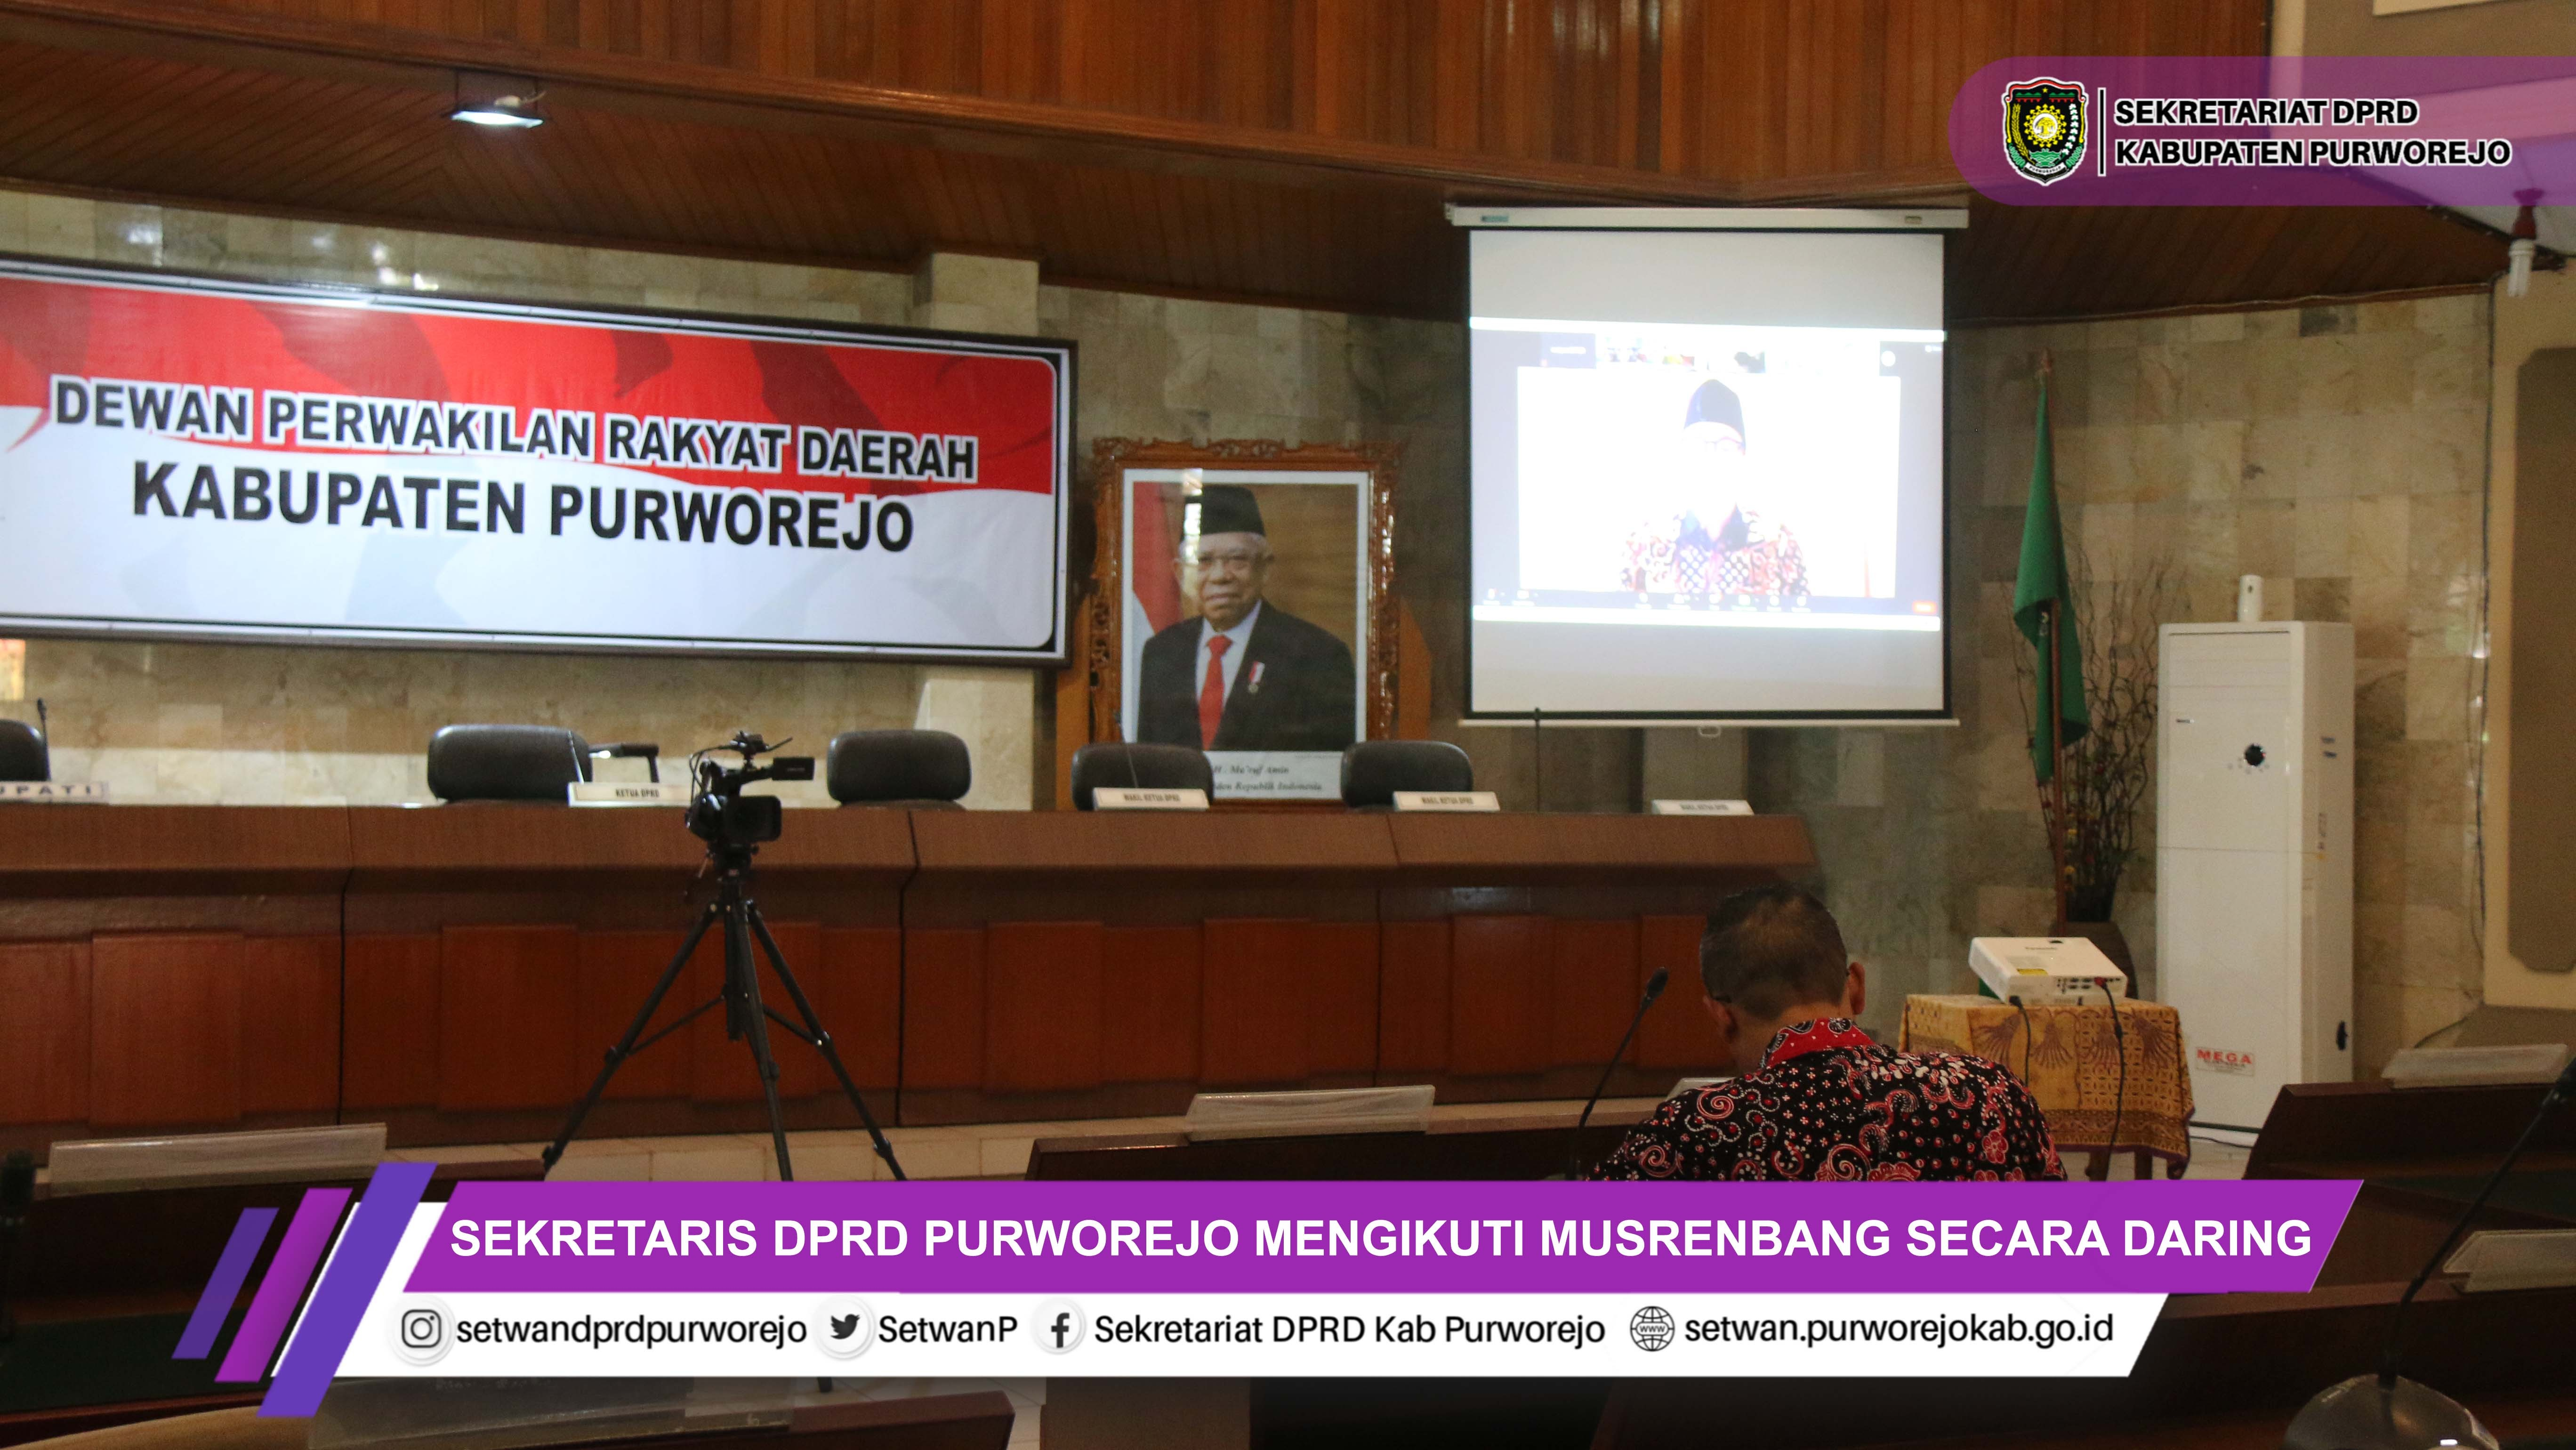 Sekretaris DPRD Purworejo Mengikuti Musrenbang Secara Daring